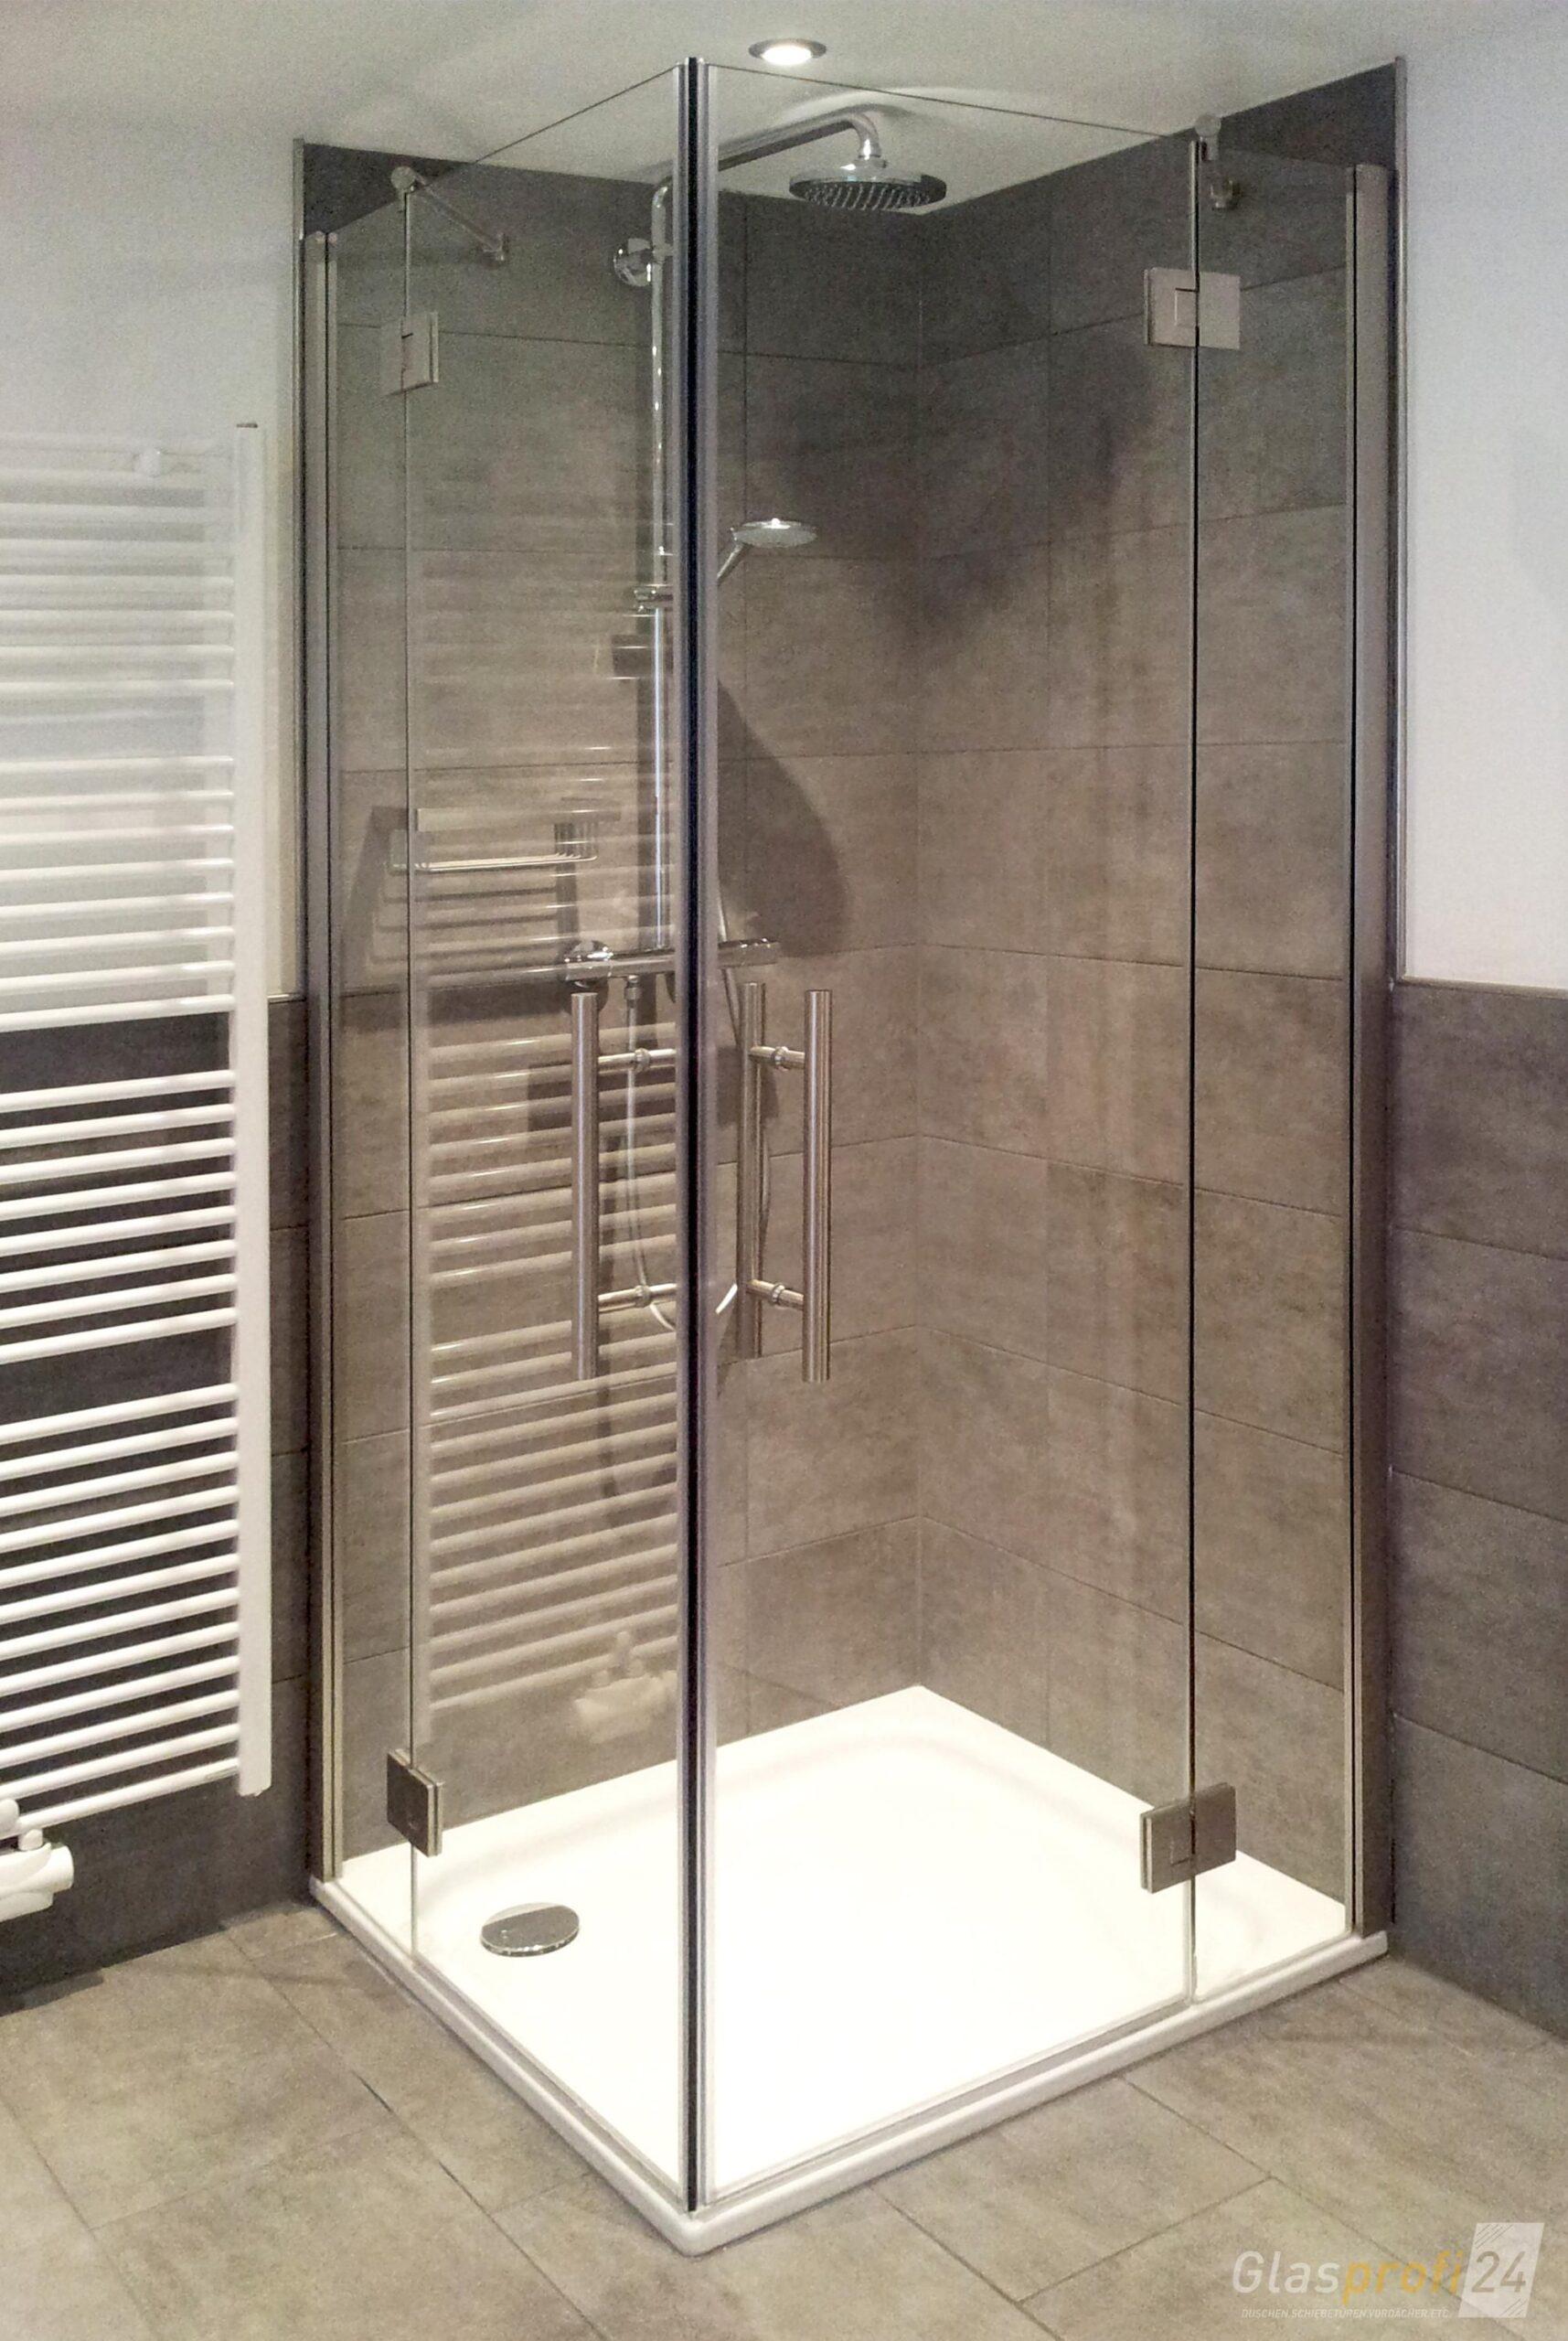 Full Size of Glaswand Dusche Mit Einem Oder Zwei Flgeltren Ist Eine Eckdusche Aus Glas Haltegriff Antirutschmatte Glasabtrennung Nischentür Unterputz Armatur Schiebetür Dusche Glaswand Dusche